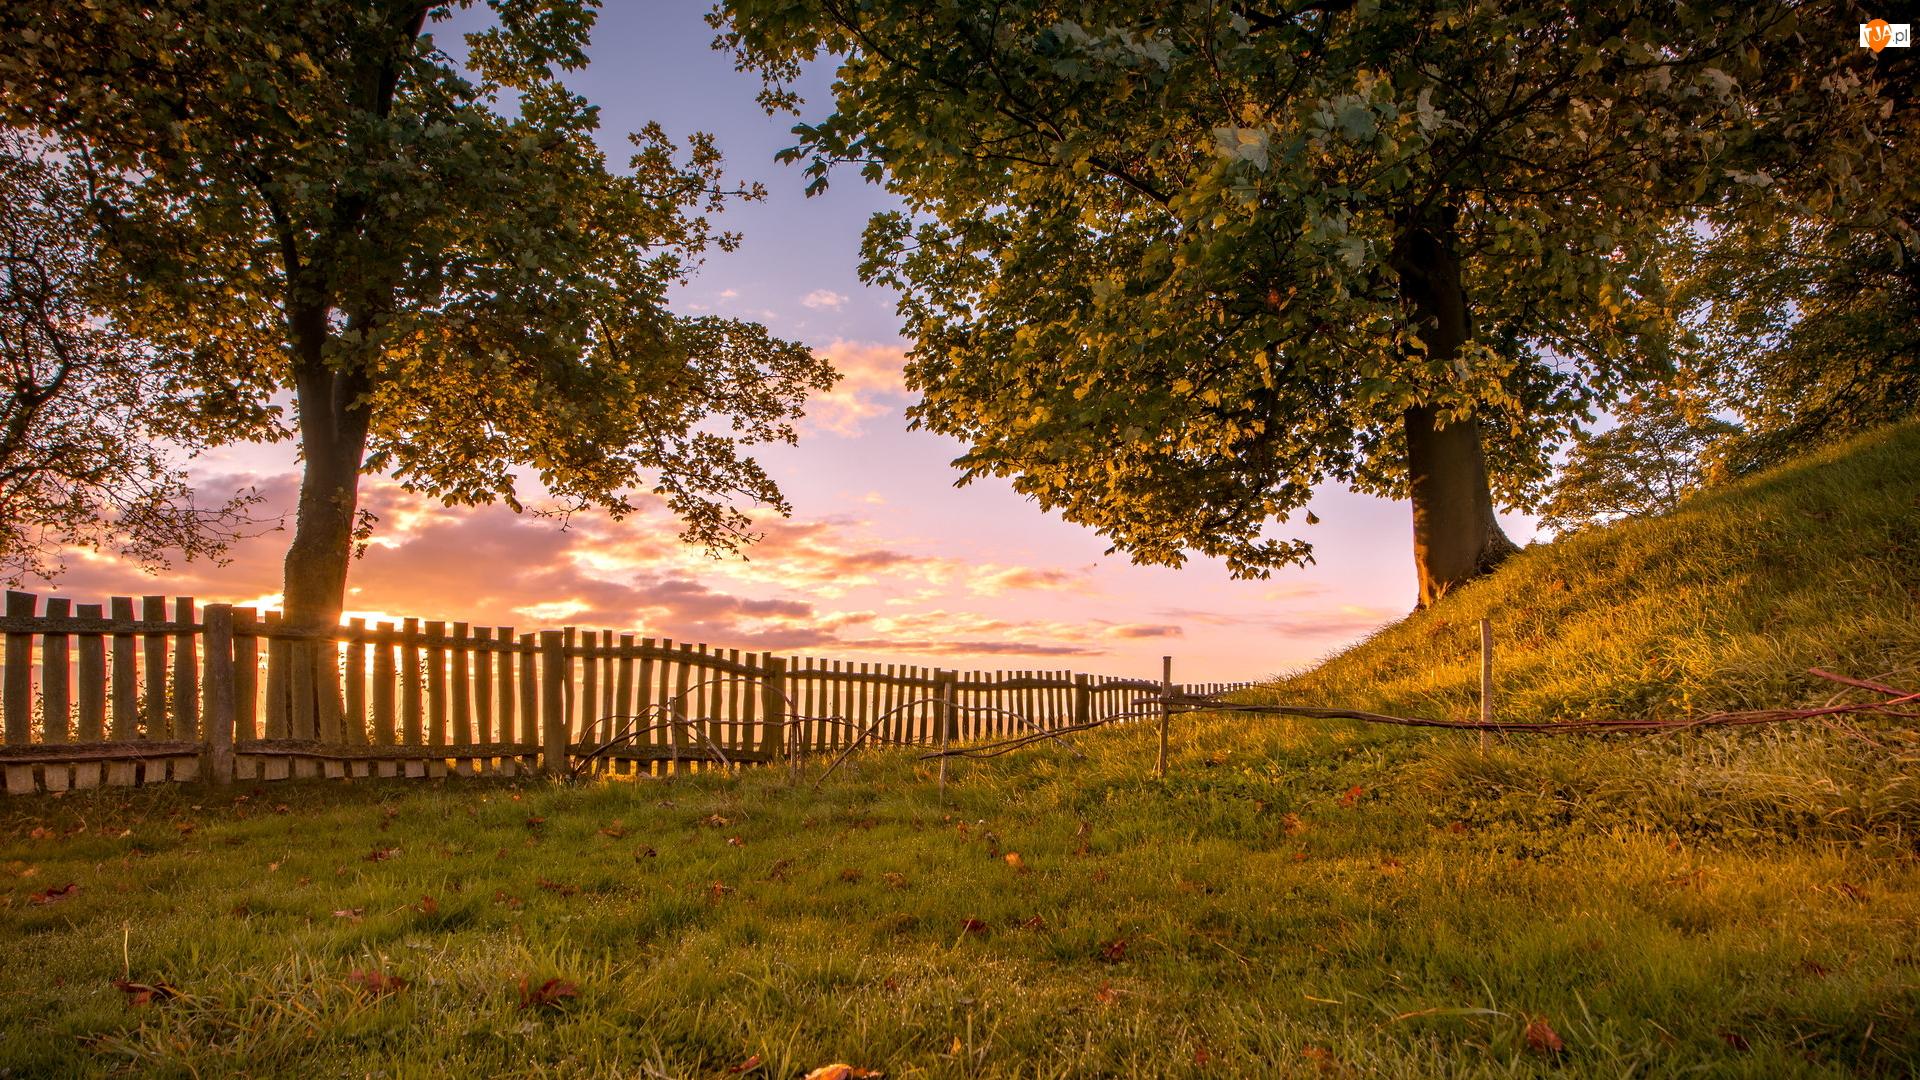 Wzgórze, Drzewa, Ogrodzenie, Wschód słońca, Płot, Trawa